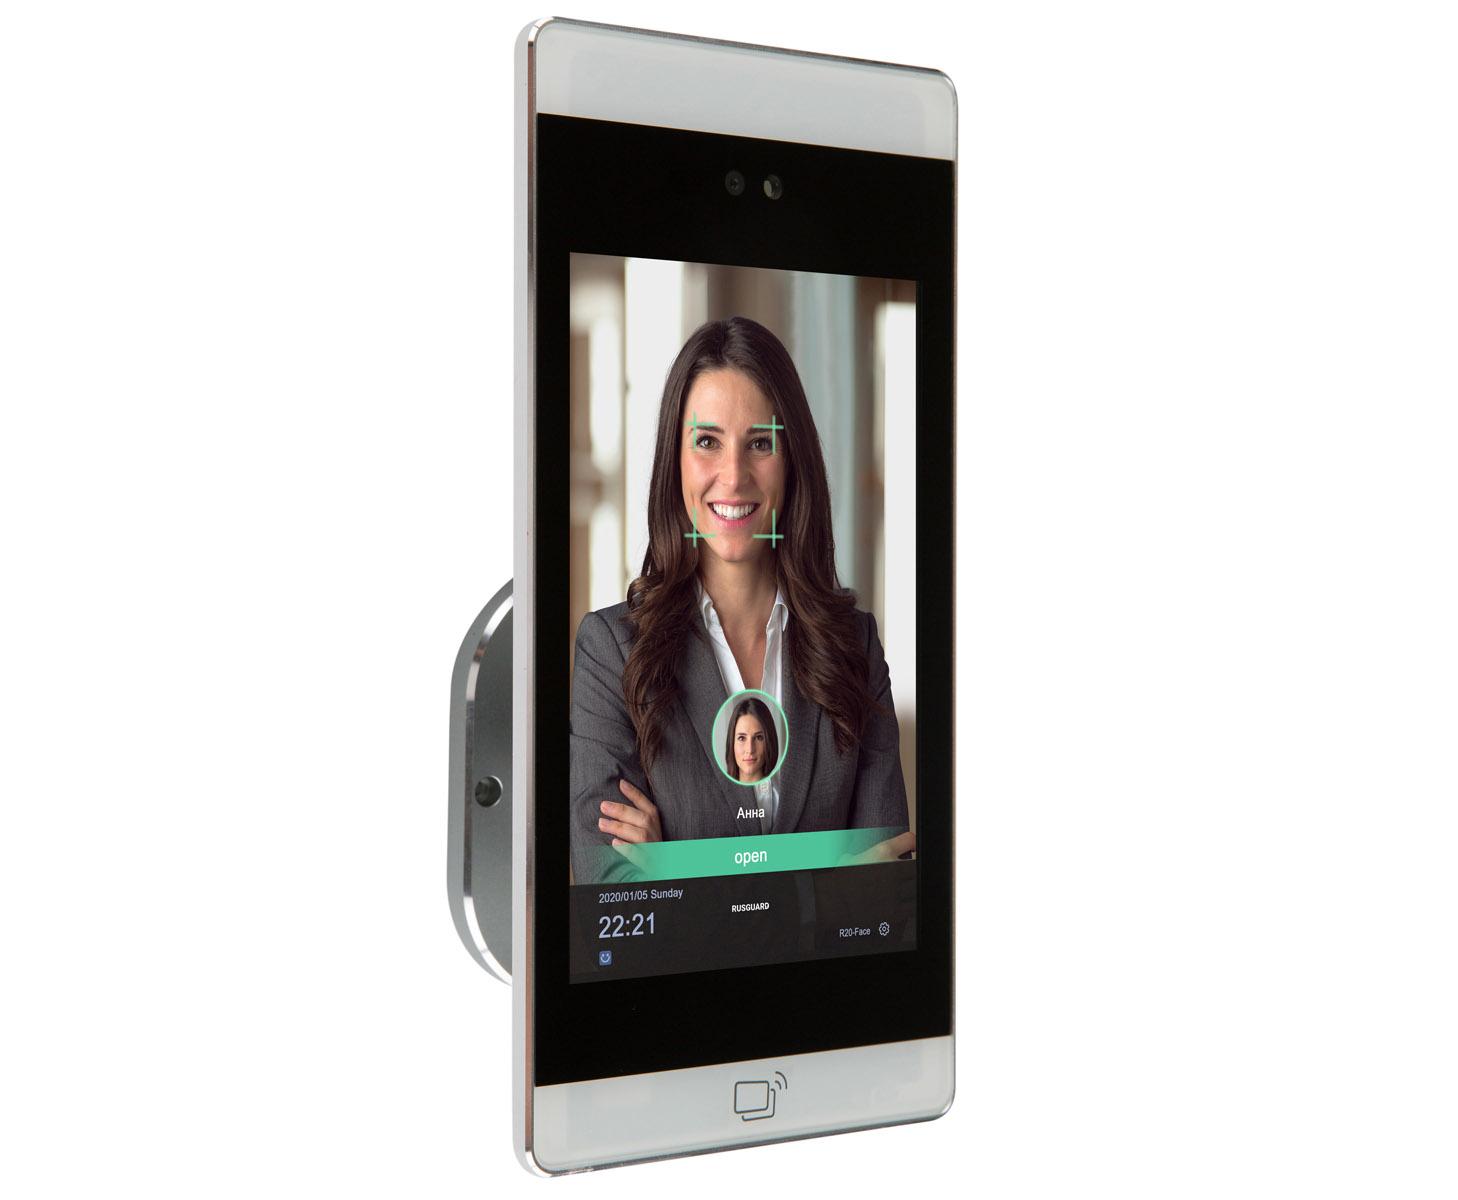 Терминал распознавания лиц R20-Face (8W) SEСтильный металлический терминал с большим экраном (8″). Отличие версии SE (Special Edition) от стандартной версии – кастомизированная прошивка терминала, расширяющая возможности устройства. Прошивка создается разработчиками RusGuard индивидуально для каждого заказчика.